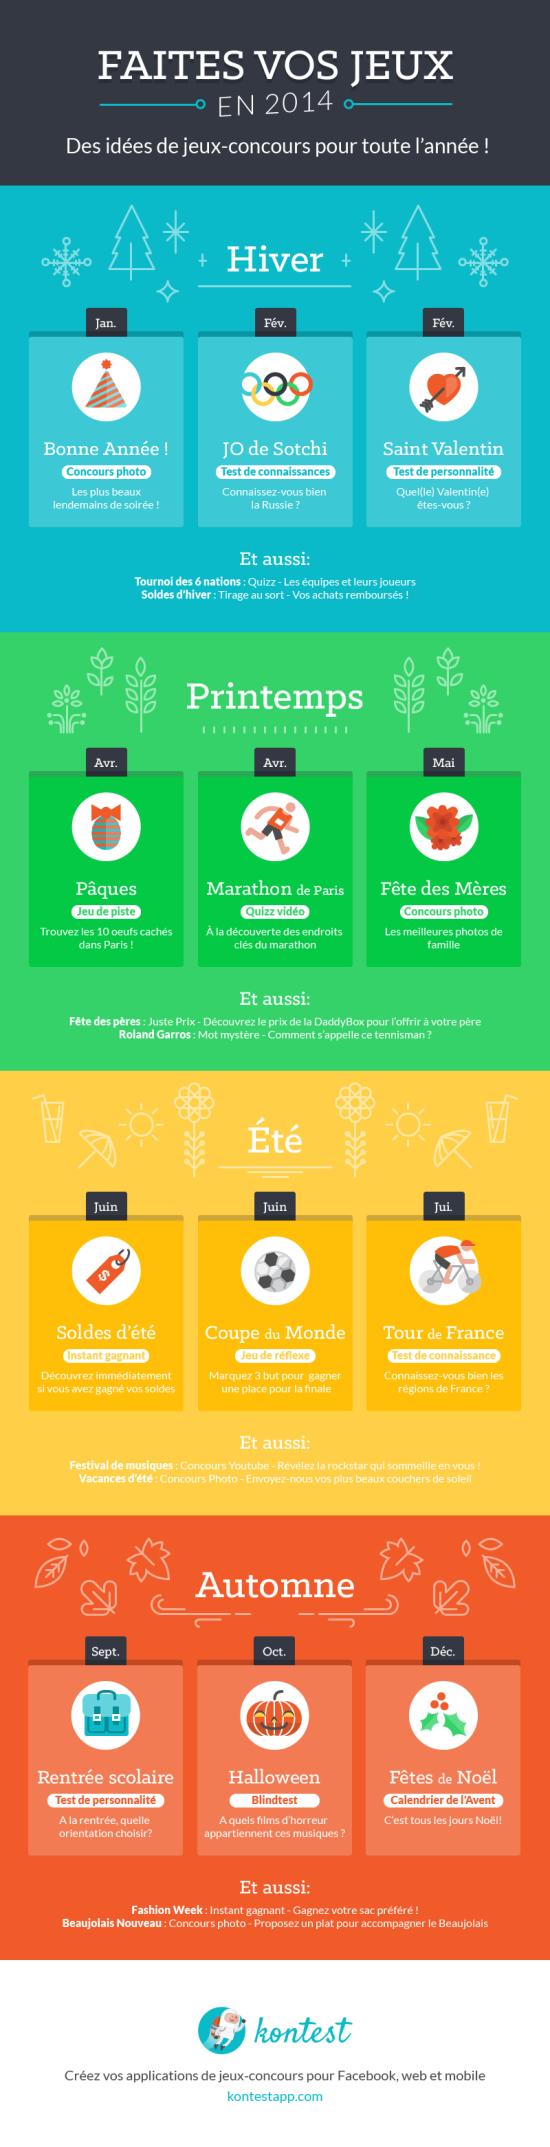 Jeux Concours B2b Le Plein D Idees Pour 2014 Btobmarketers Fr